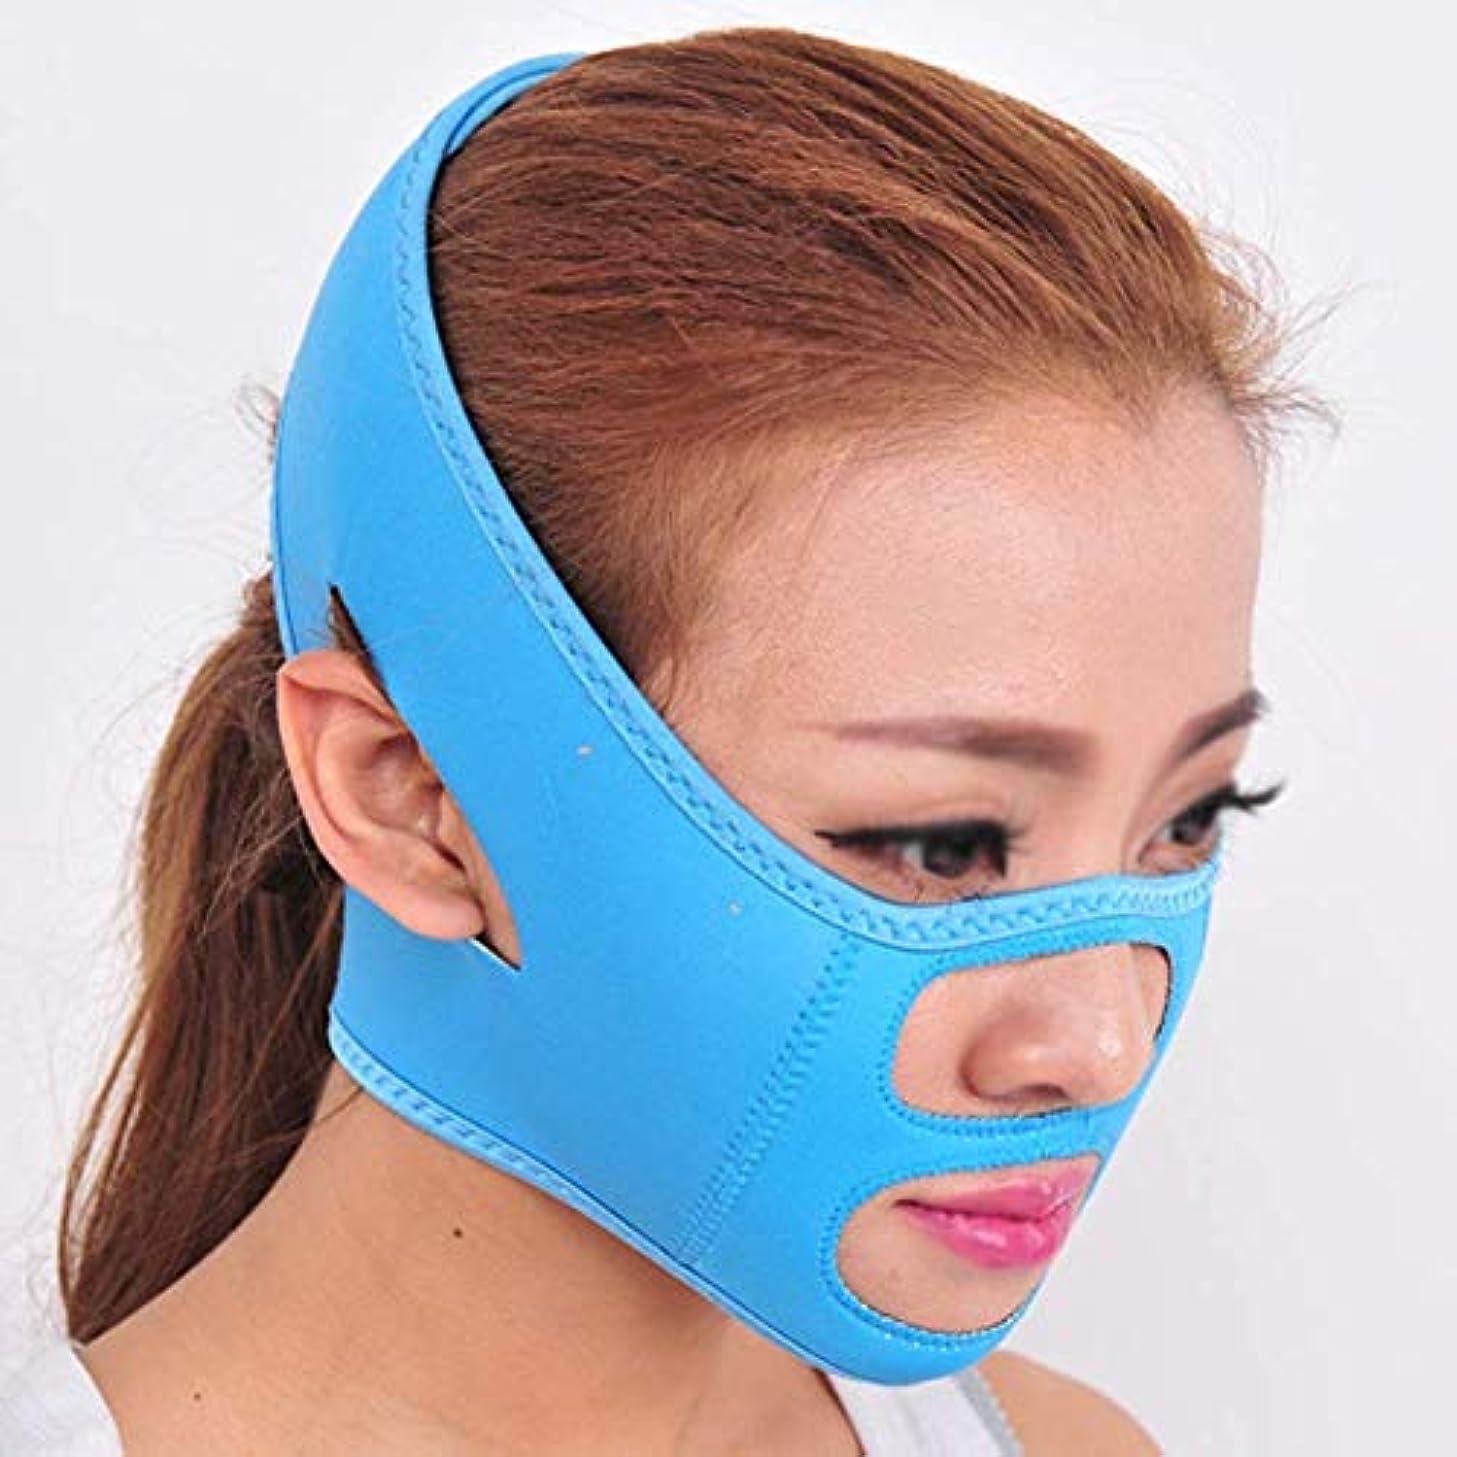 フレアしたがって急行するチンストラップ、フェイスリフティングマスク、ダブルチン、フェイスリフティングに最適、リフティングフェイシャルスキン、フェイシャル減量マスク、フェイスリフティングベルト(フリーサイズ)(カラー:ブルー),青